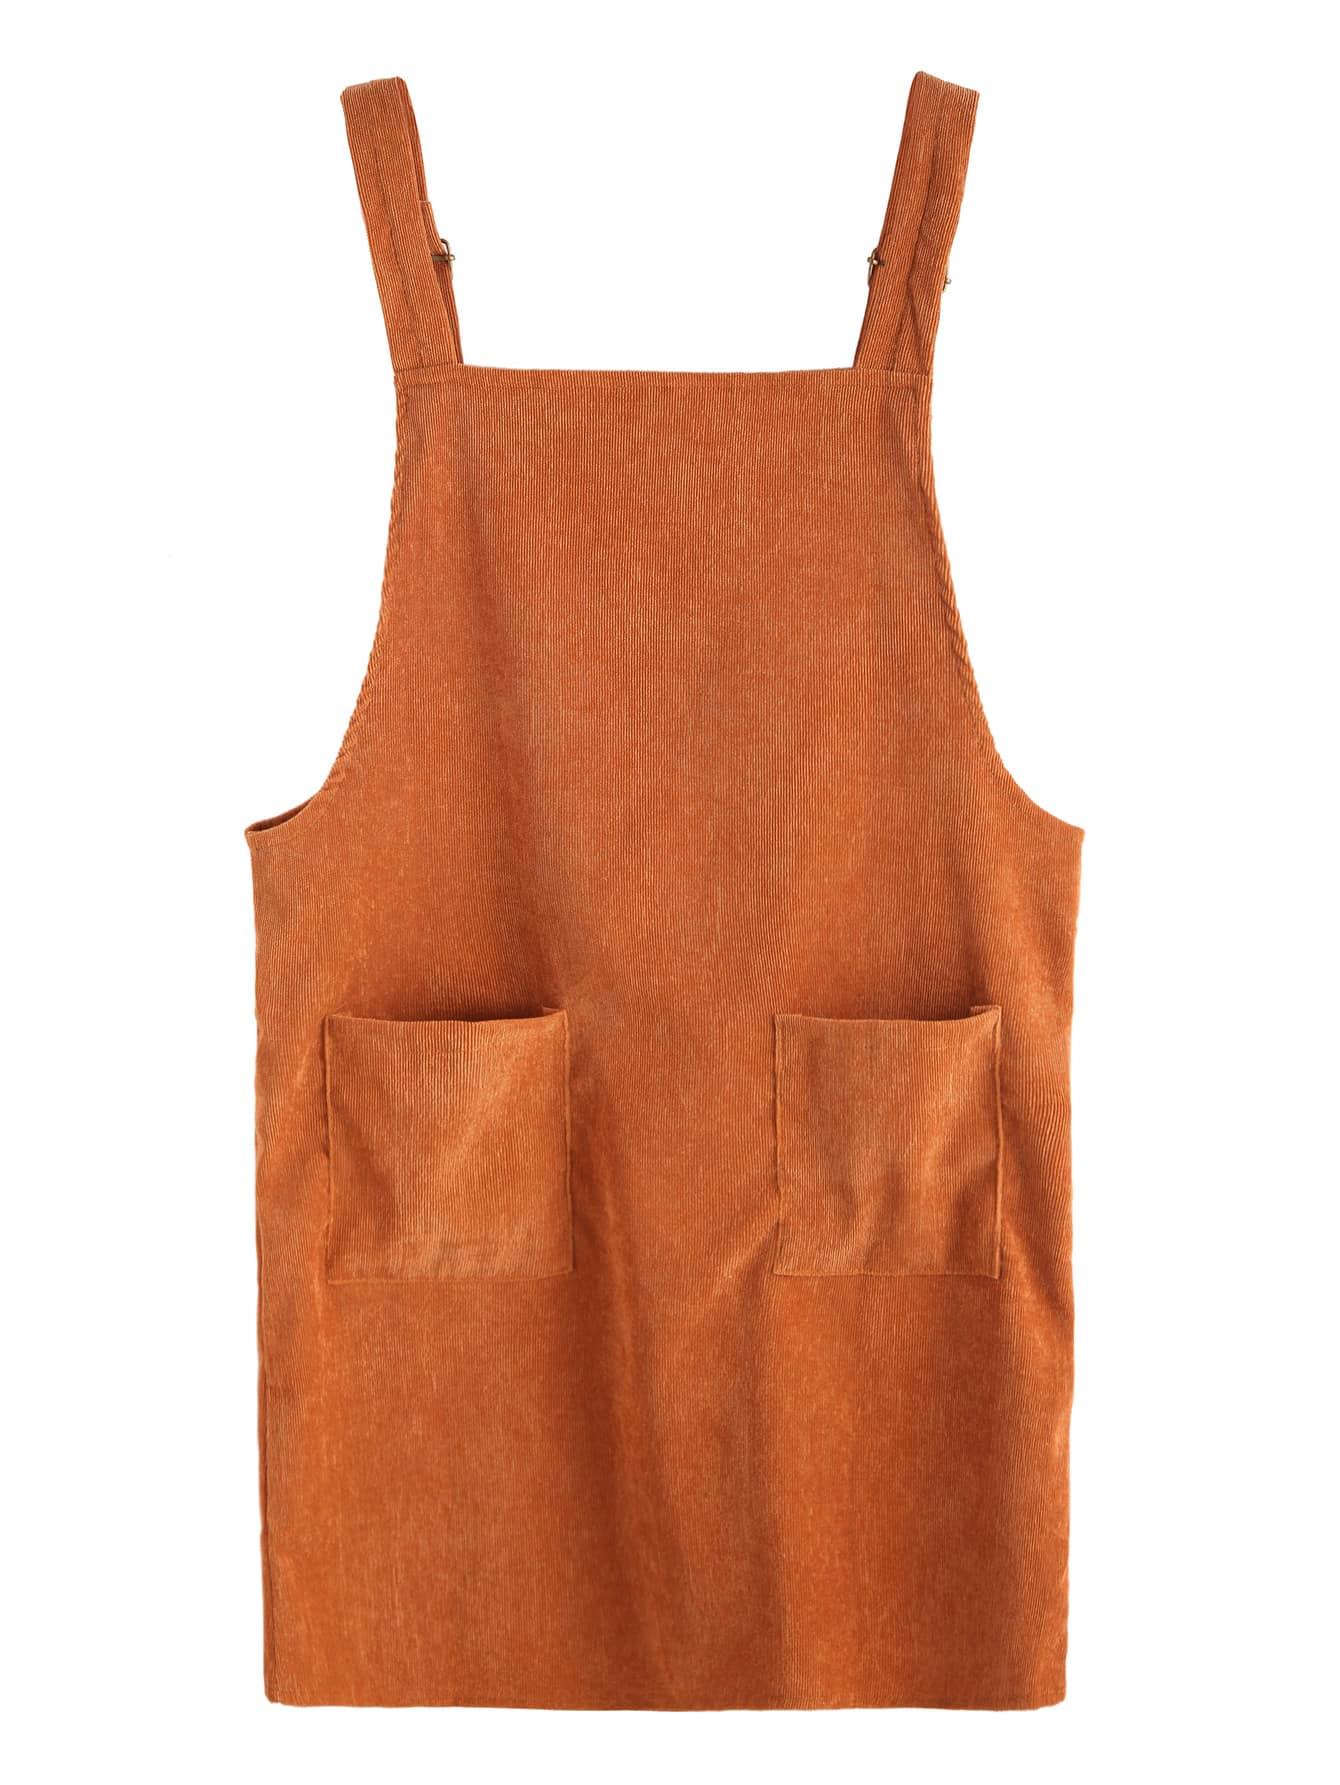 dress160916106_2